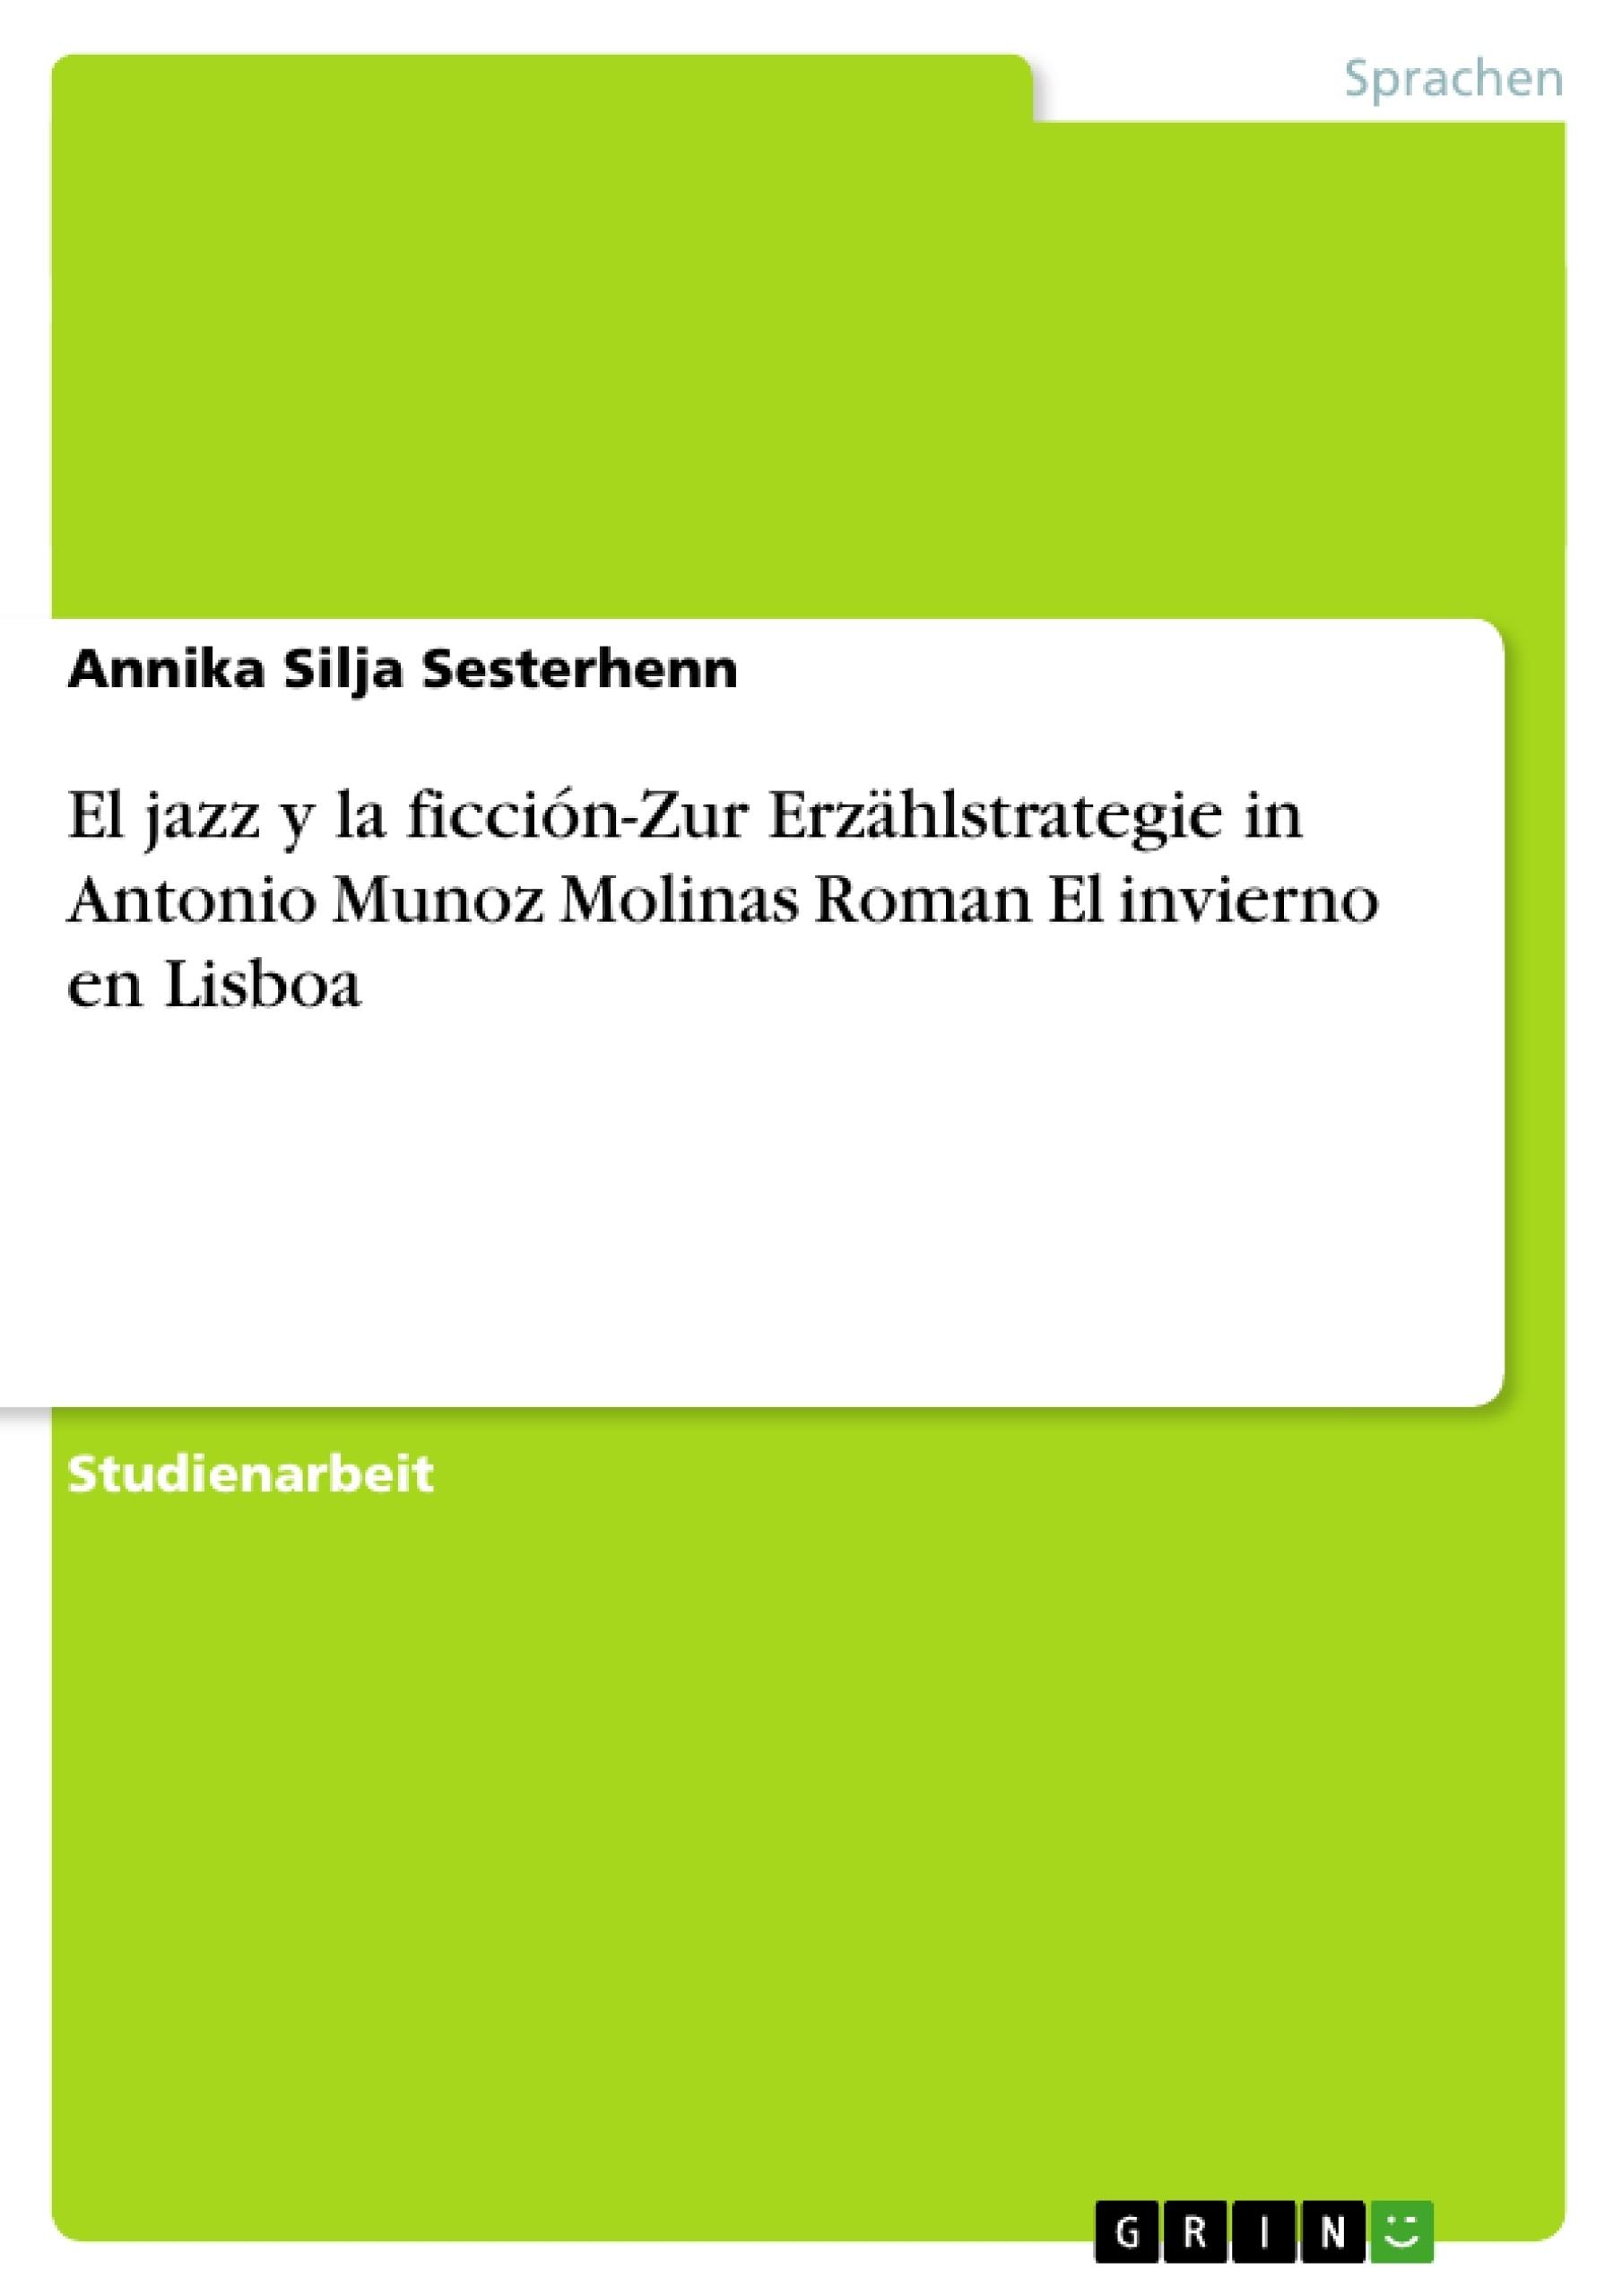 Titel: El jazz y la ficción-Zur Erzählstrategie in Antonio Munoz Molinas Roman El invierno en Lisboa